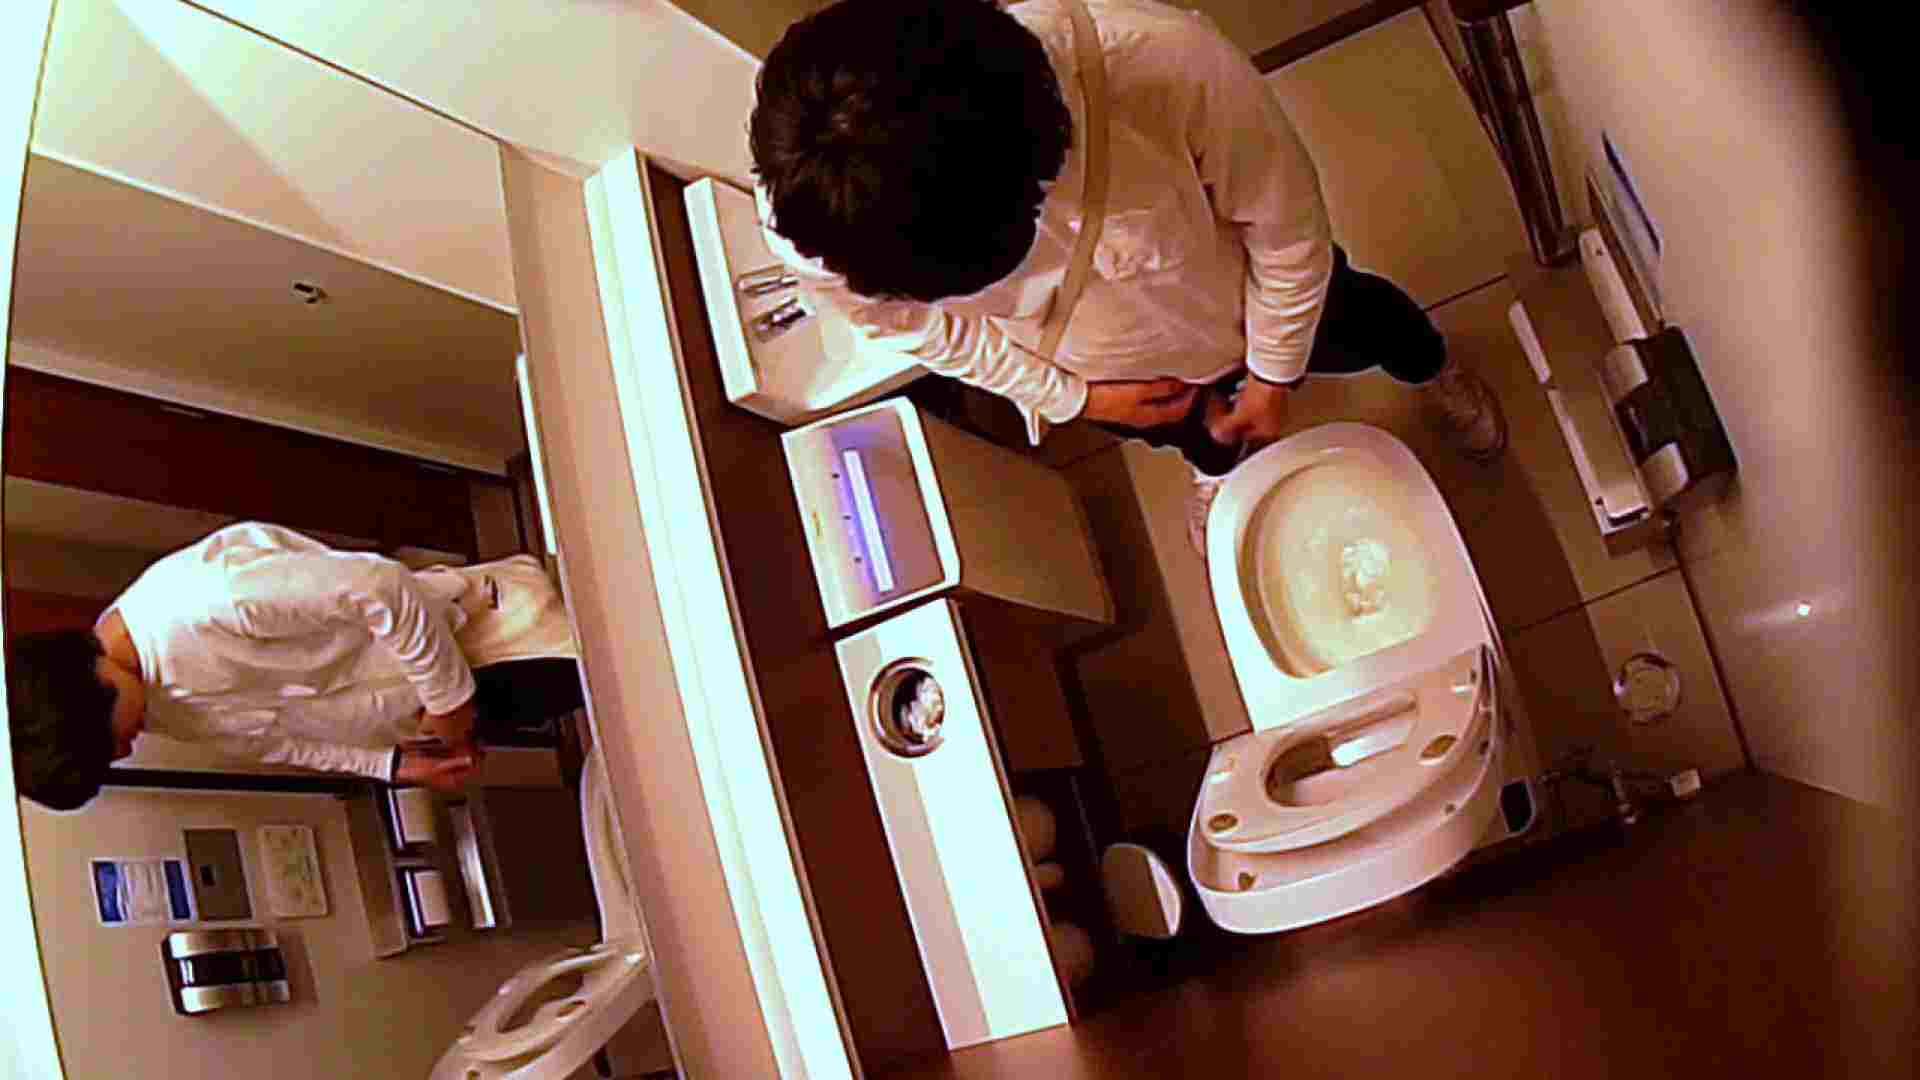 すみませんが覗かせてください Vol.32 トイレの中  9画像 8